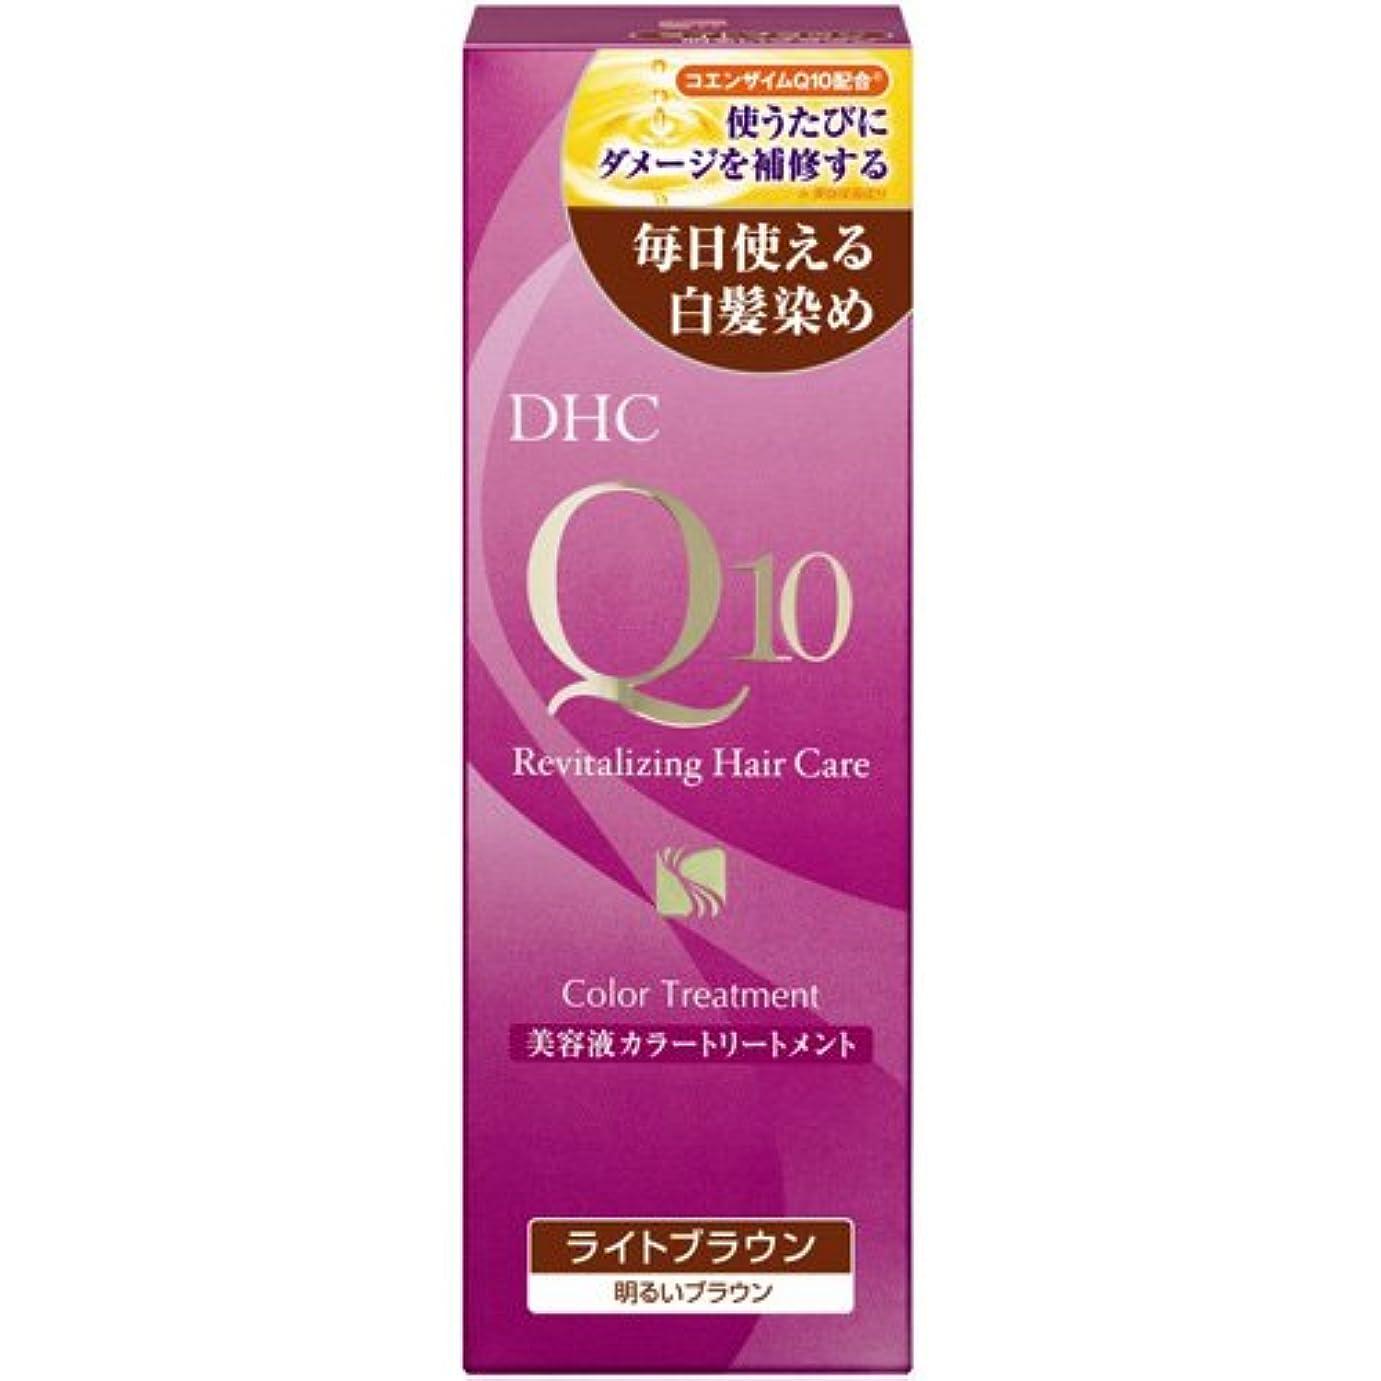 タオル祖先耳DHC Q10美溶液カラートリートメントLブラウンSS170g